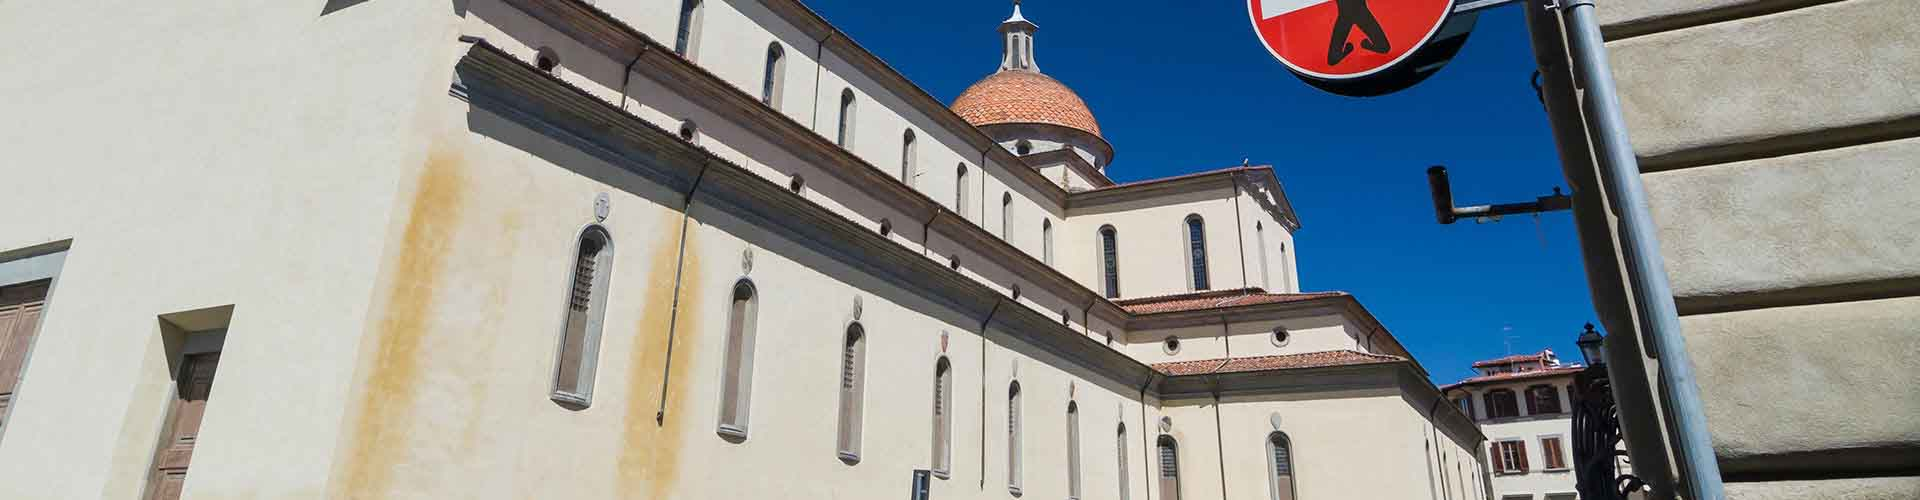 Florencia - Hoteles baratos en el distrito Santo Spirito. Mapas de Florencia, Fotos y comentarios de cada Hotel barato en Florencia.